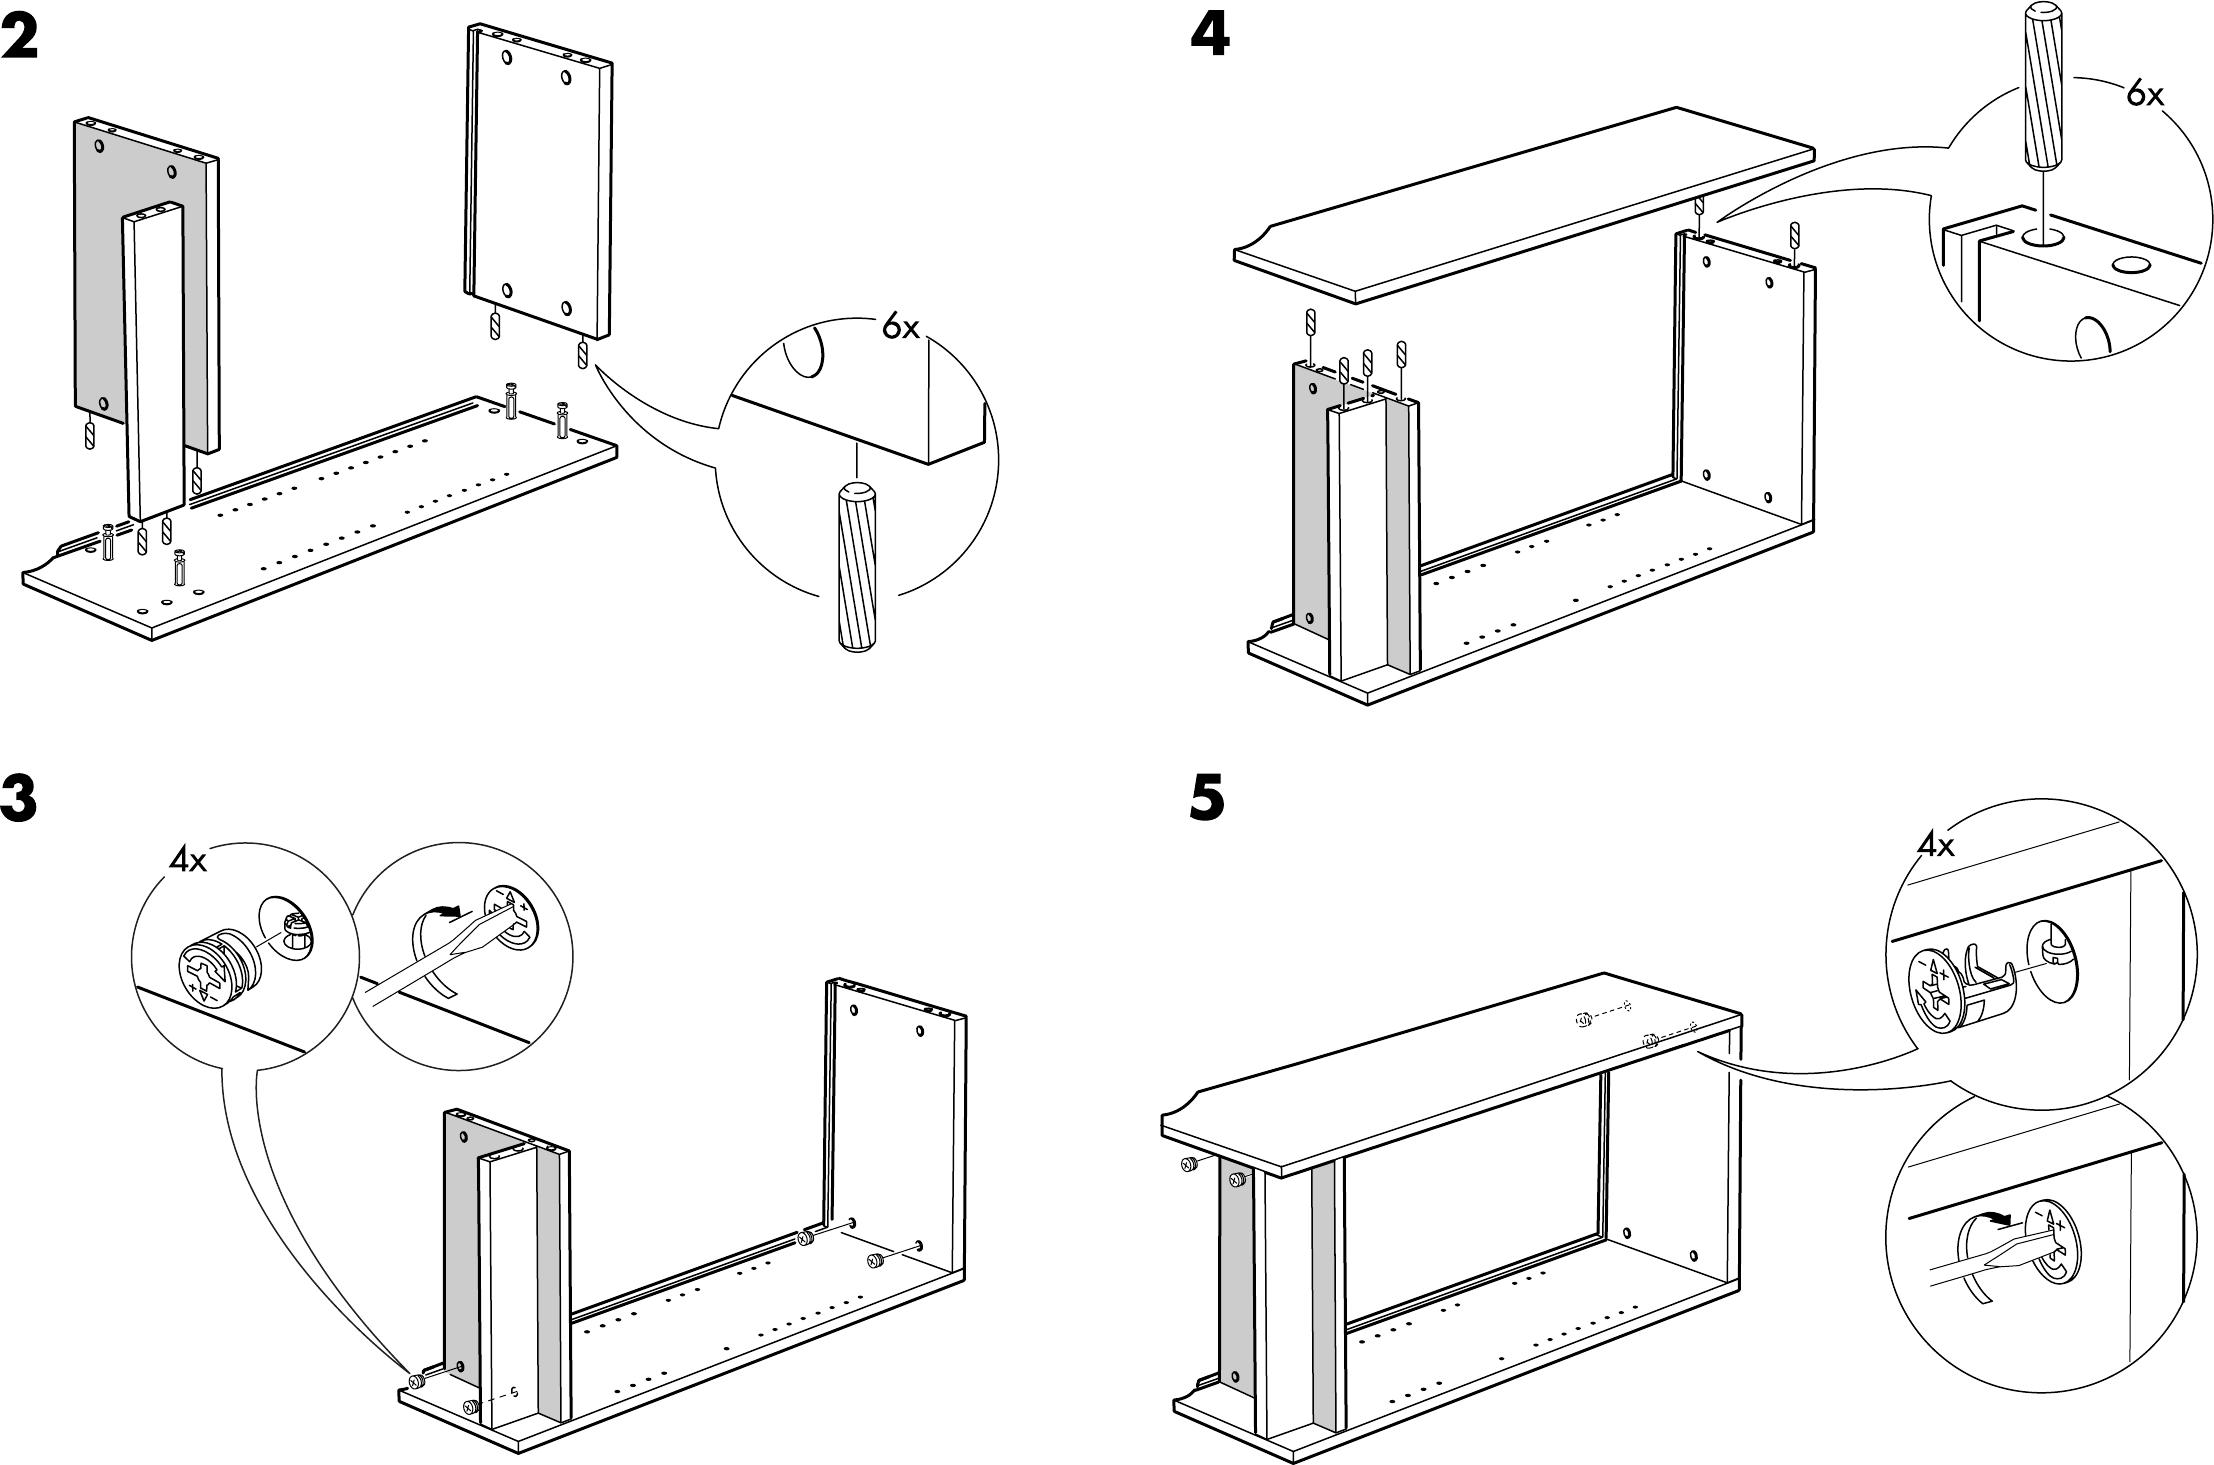 Bedienungsanleitung Ikea Billy boekenkast (Seite 4 von 4) (Dänisch ...